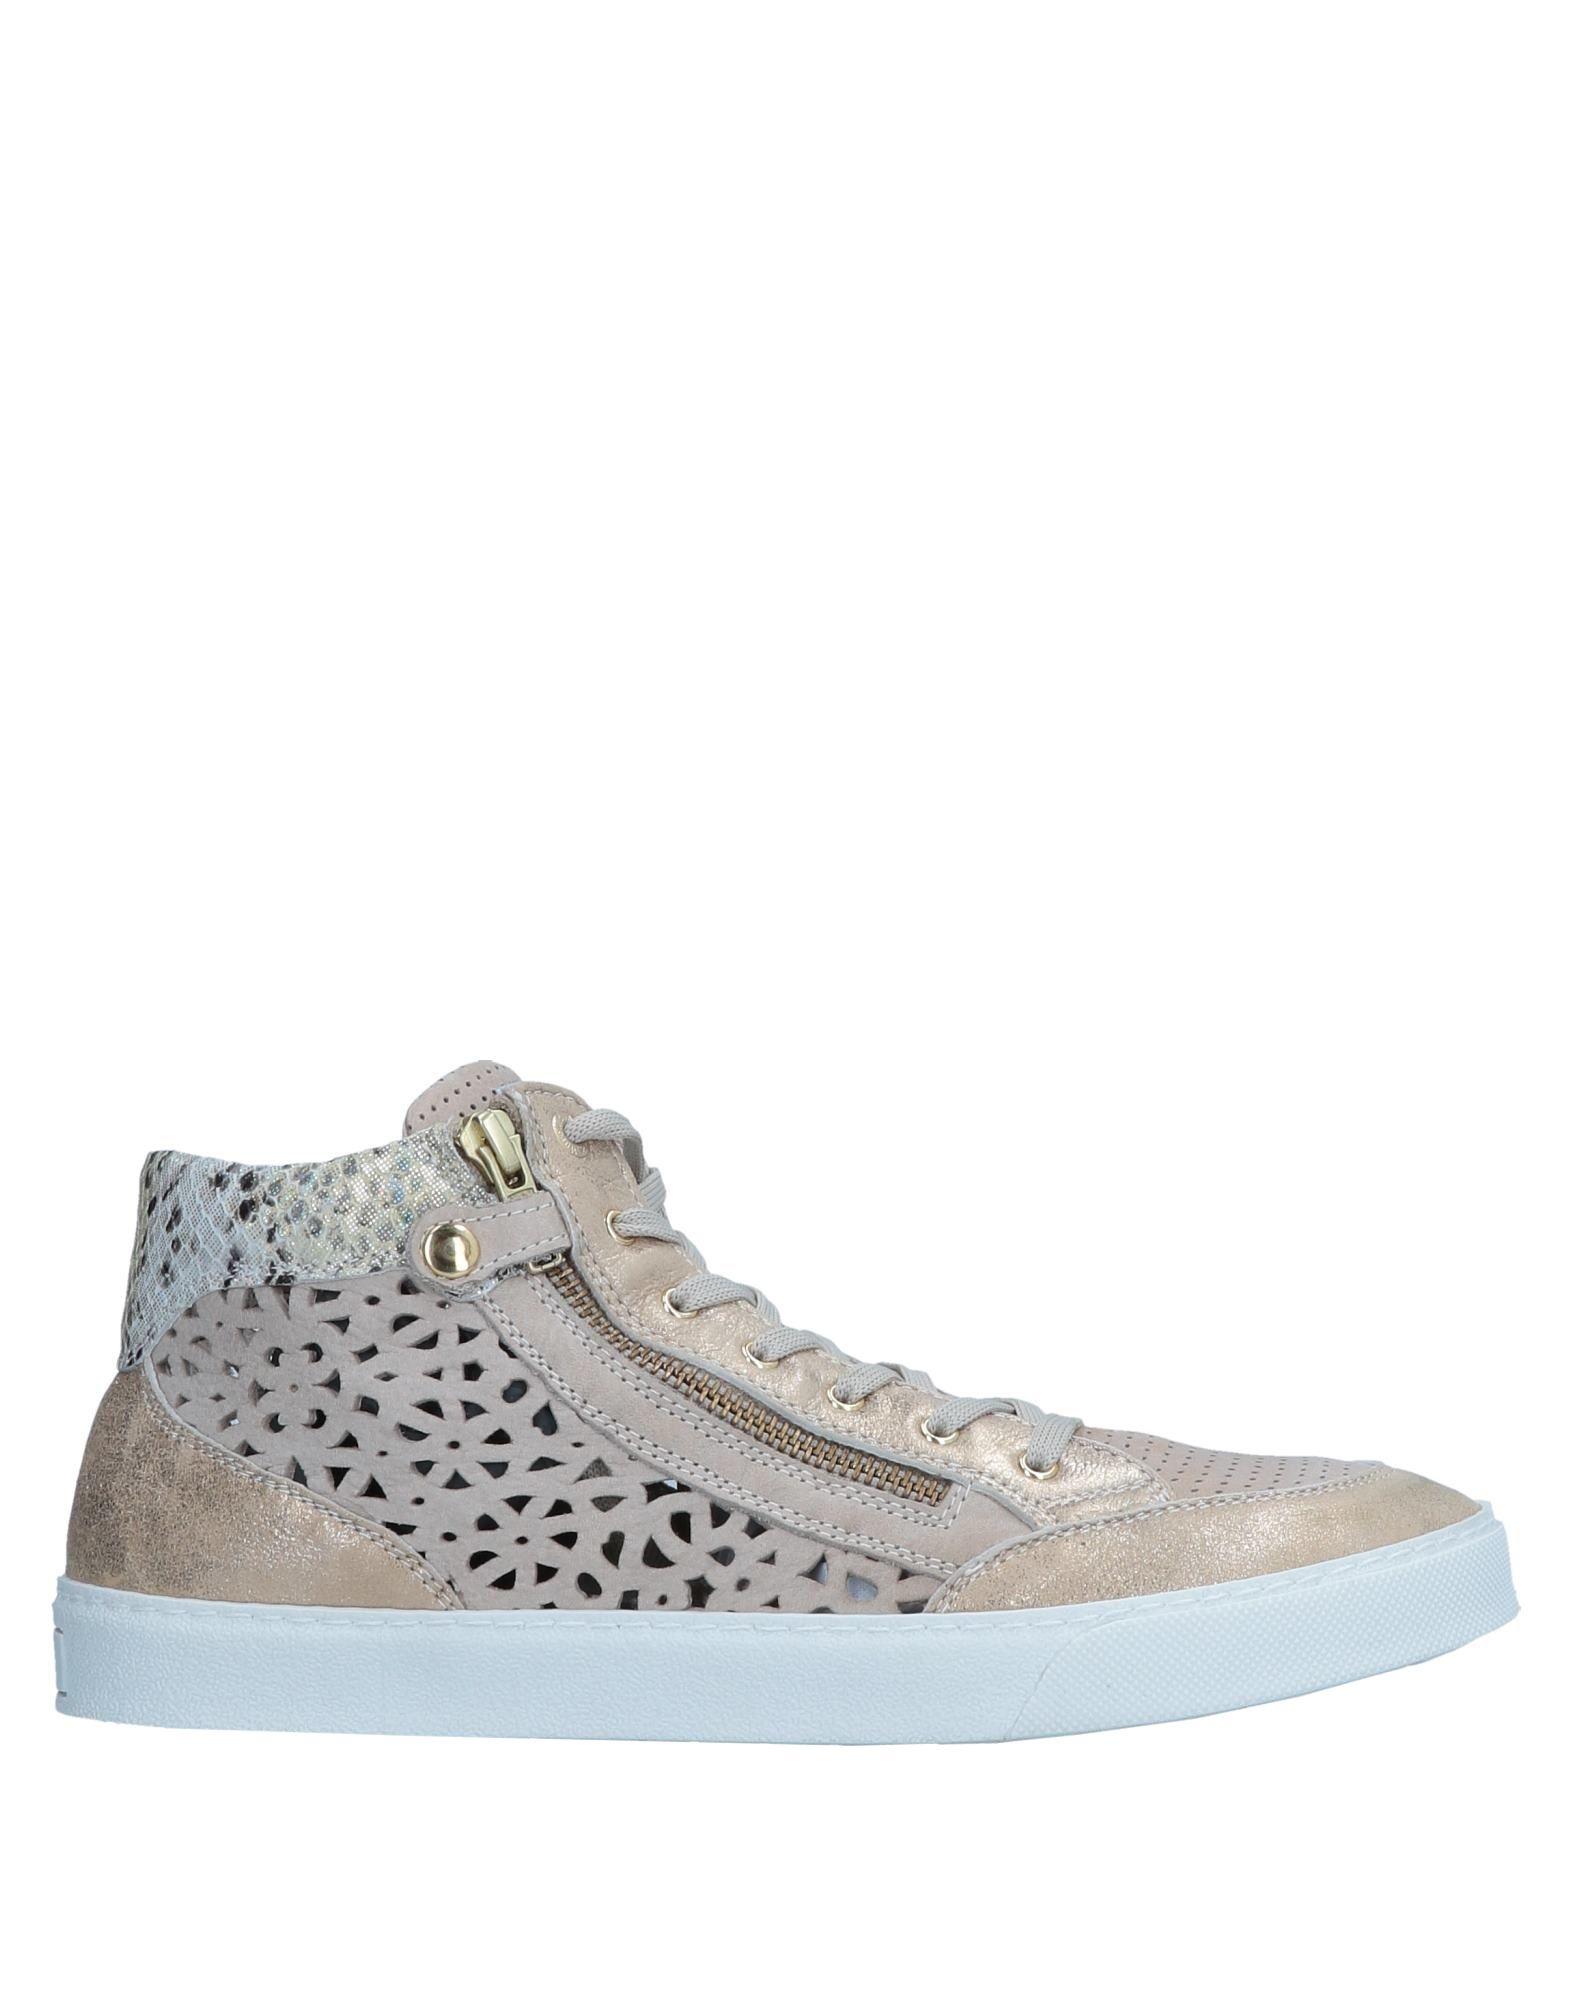 Andrea Morelli Sneakers - Women Andrea Morelli Sneakers Kingdom online on  United Kingdom Sneakers - 11557561KM 7818a3